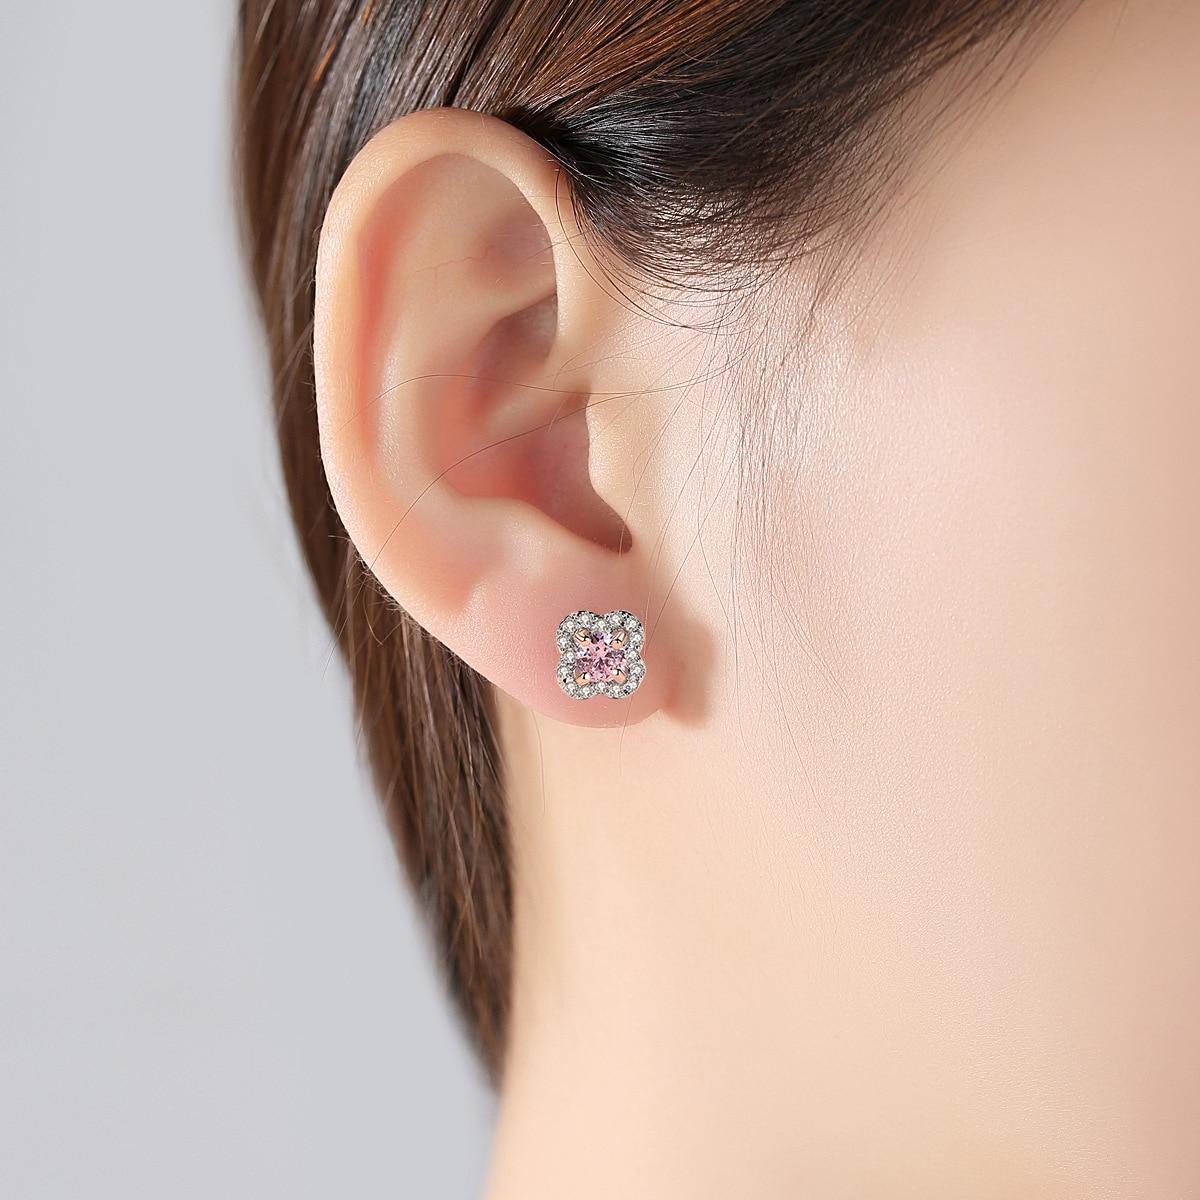 PAG & MAG AAA zircon fleur S925 pur argent oreille clou exquis mode dame boucle d'oreille bijoux en argent - 2